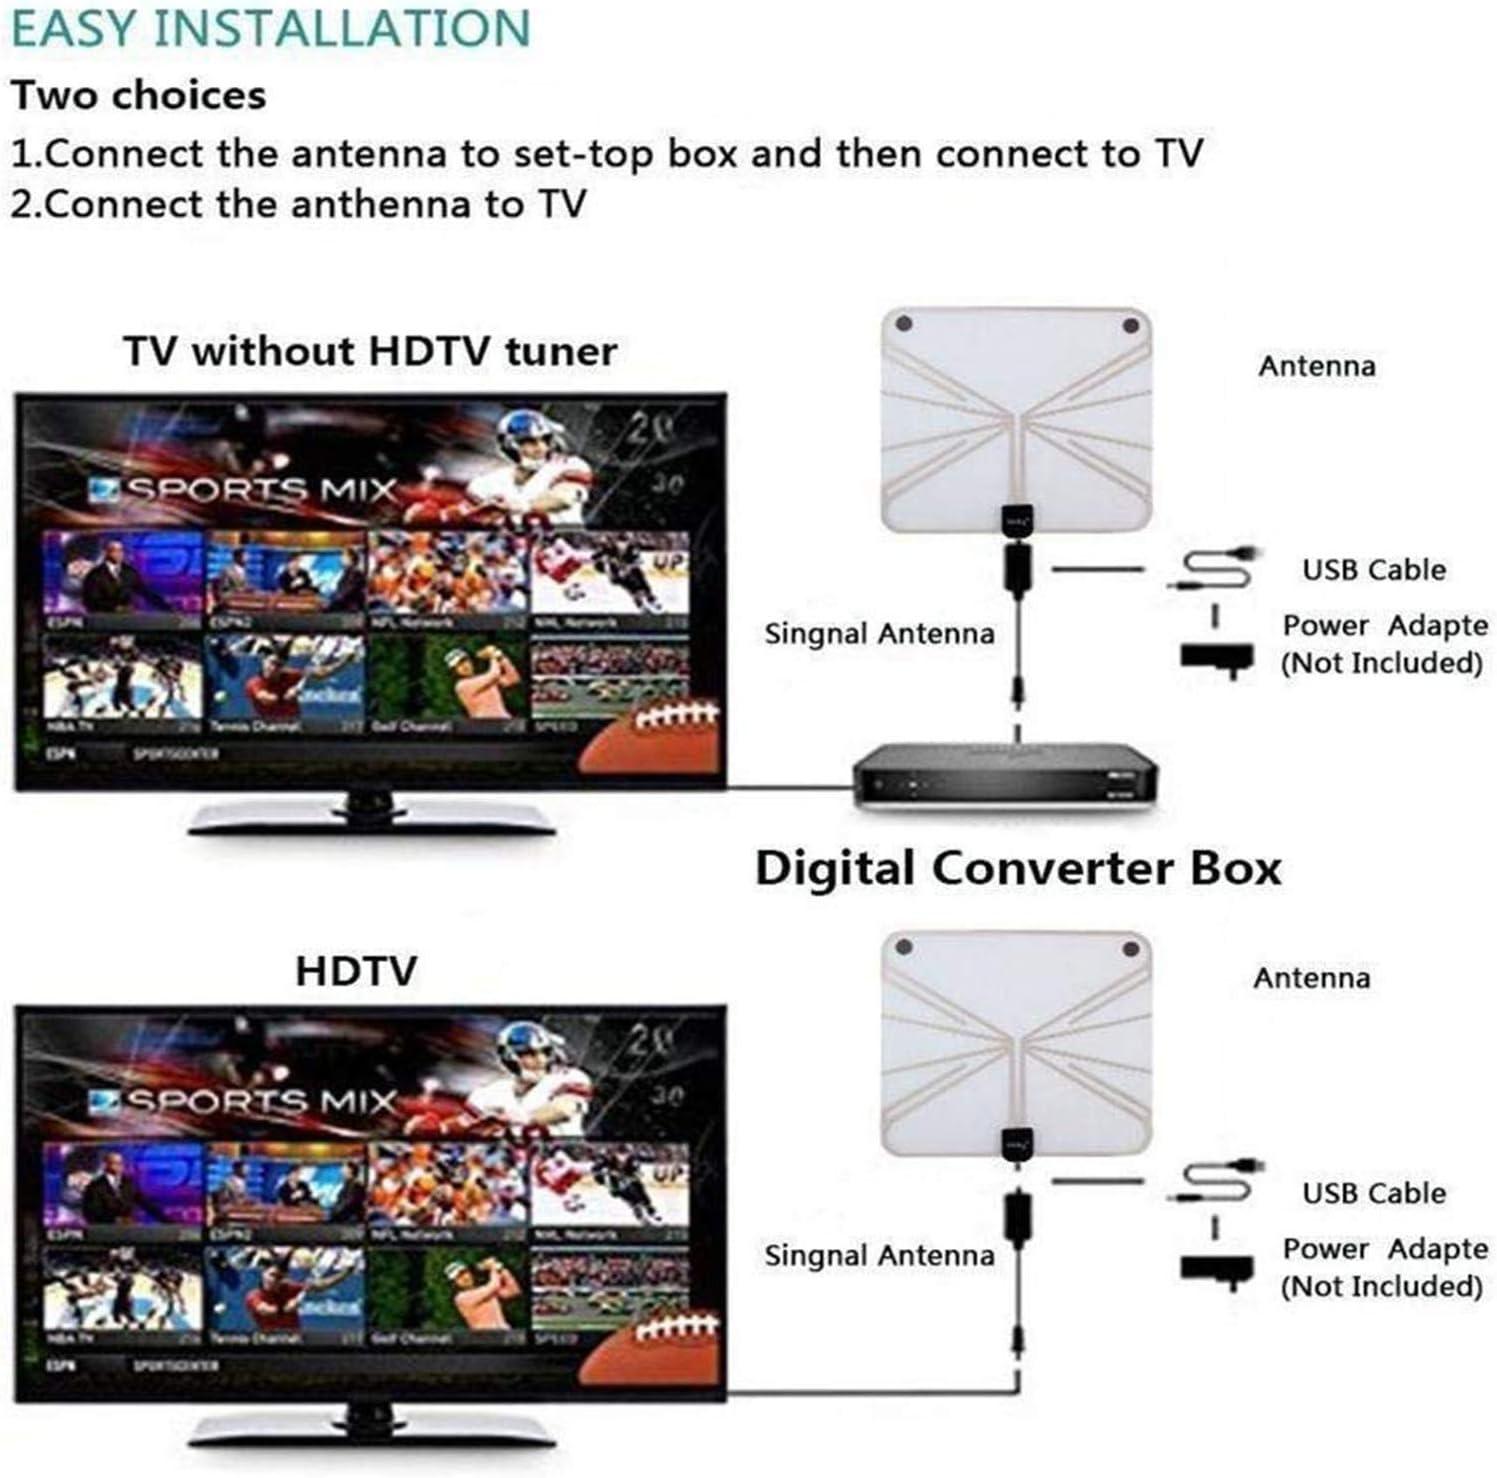 EEEKit Amplificador de Antena HDTV, Amplificador de señal Digital de bajo Ruido satelital con Luces para TV Antena HDTV con Fuente de alimentación USB: Amazon.es: Electrónica